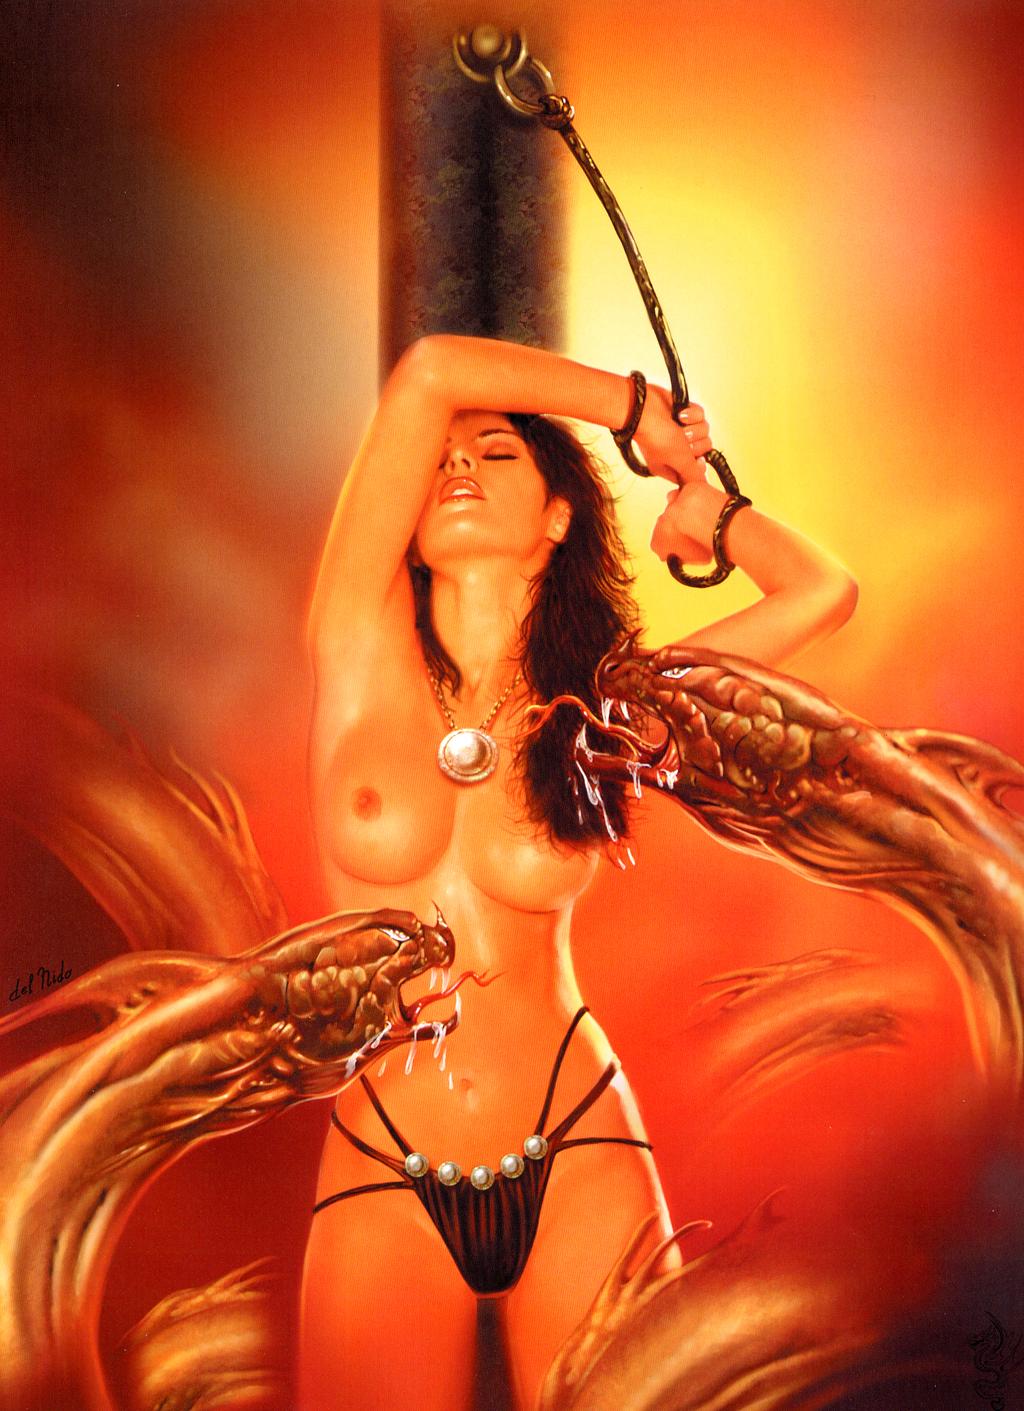 kartinki-eroticheskie-fantazii